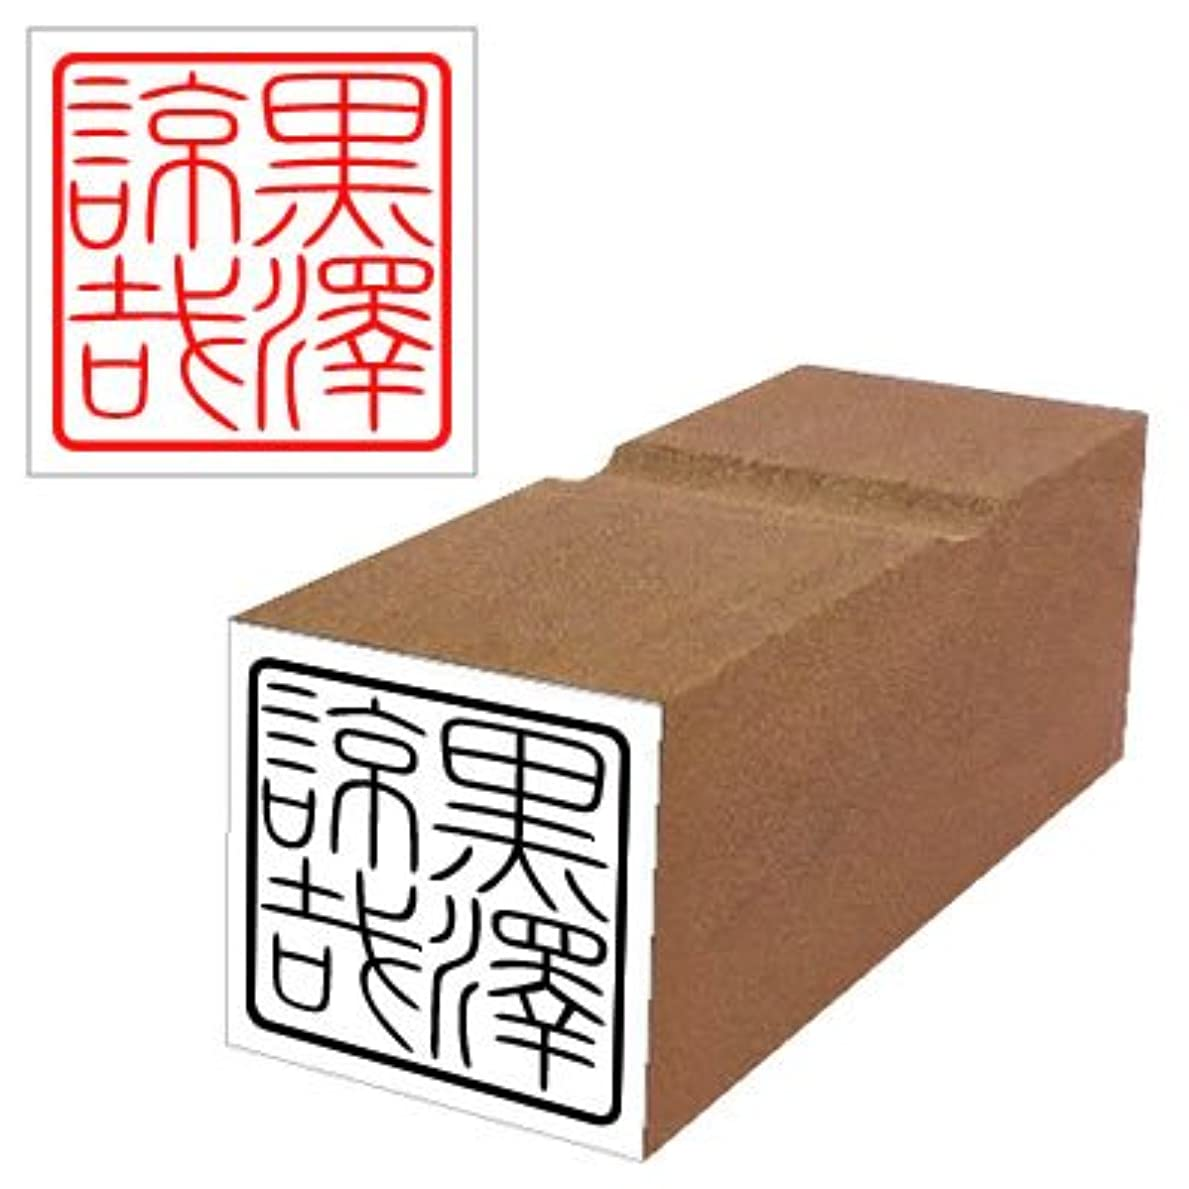 郵便局シリングずんぐりしたWeb落款<706>篆書体(21mm印)